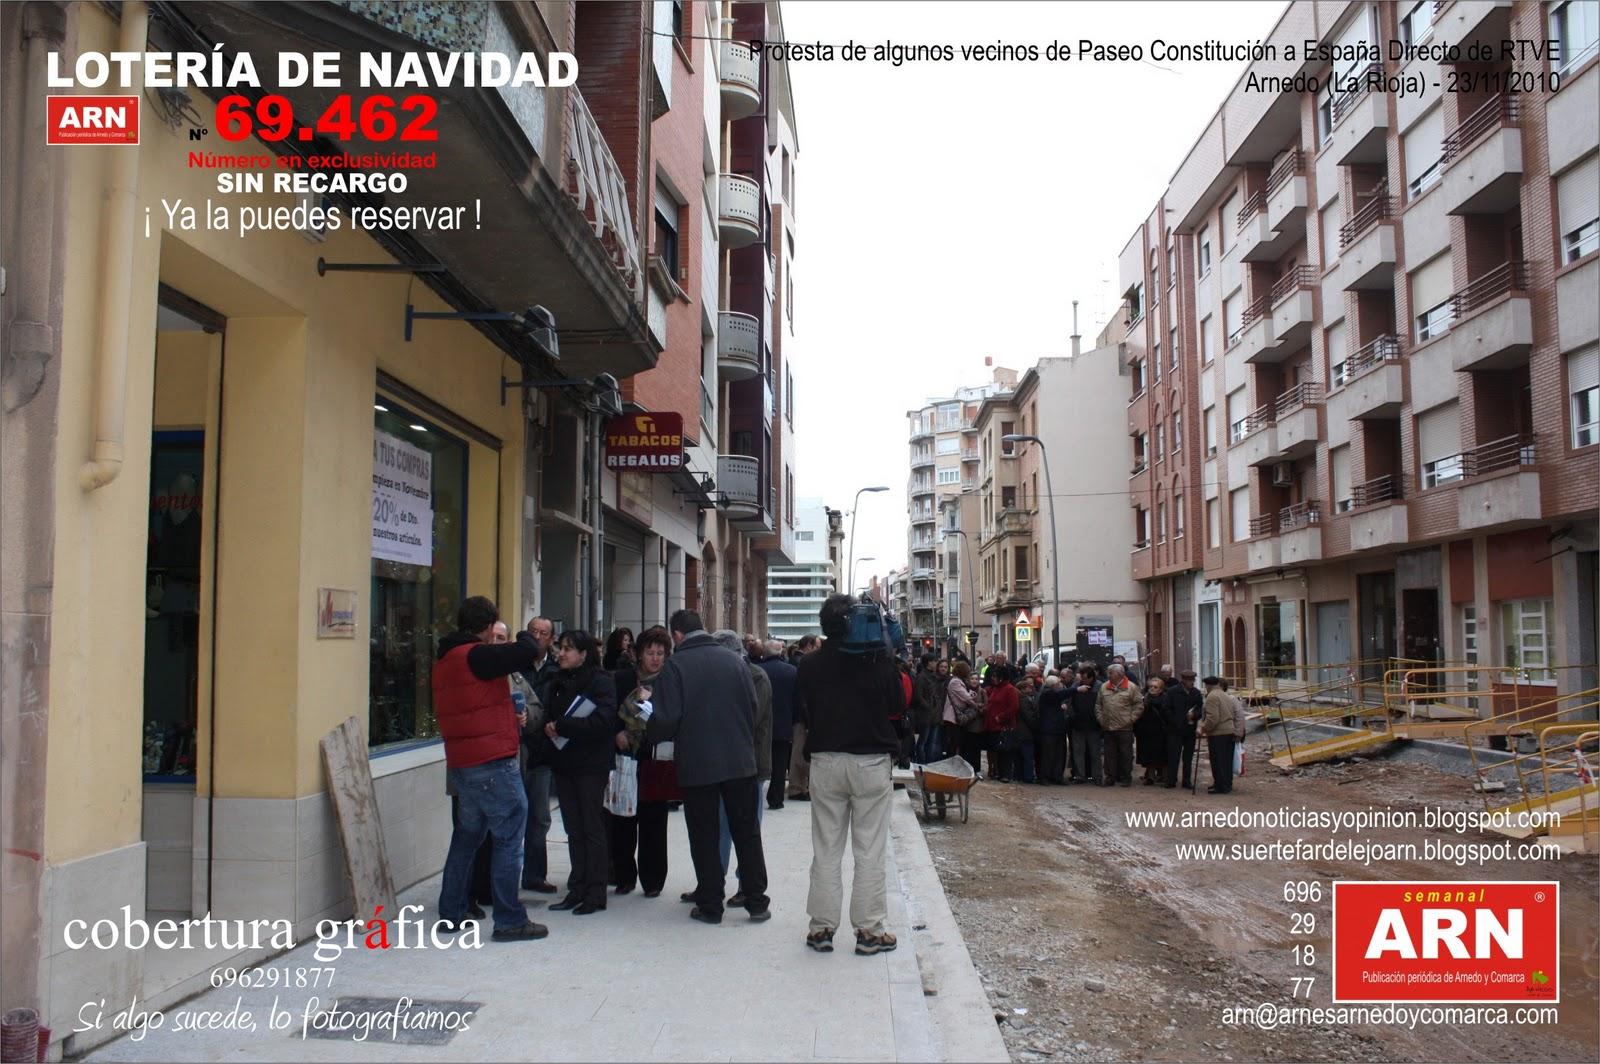 878288a4ba1cf ARNedo Noticias y Opinión.  Protesta de algunos vecinos de Paseo ...